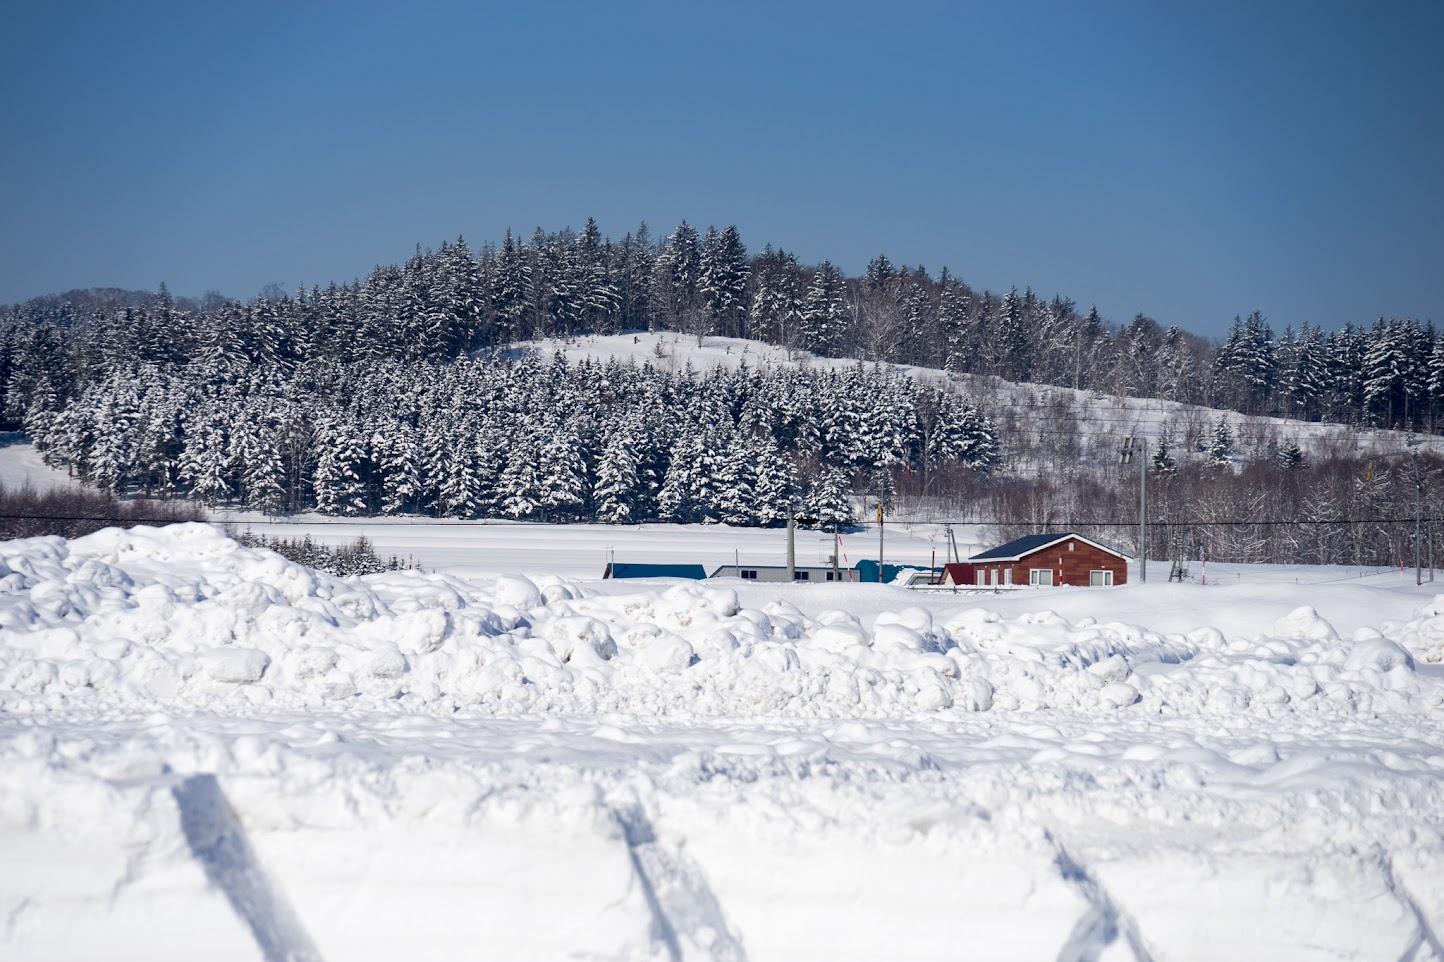 北竜町美葉牛地区の風景